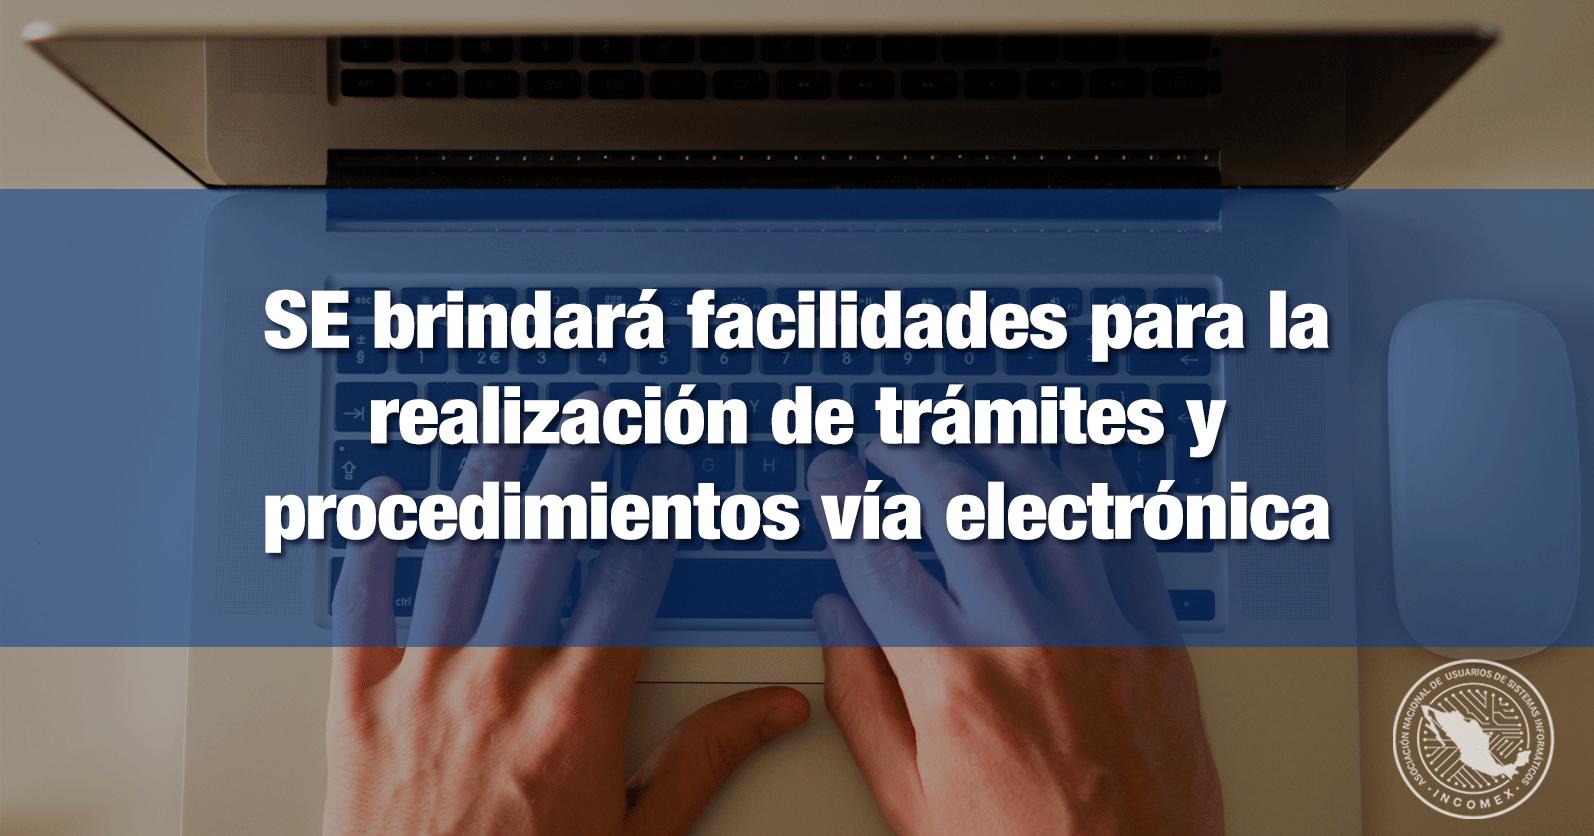 SE brindará facilidades para la realización de trámites y procedimientos vía electrónica